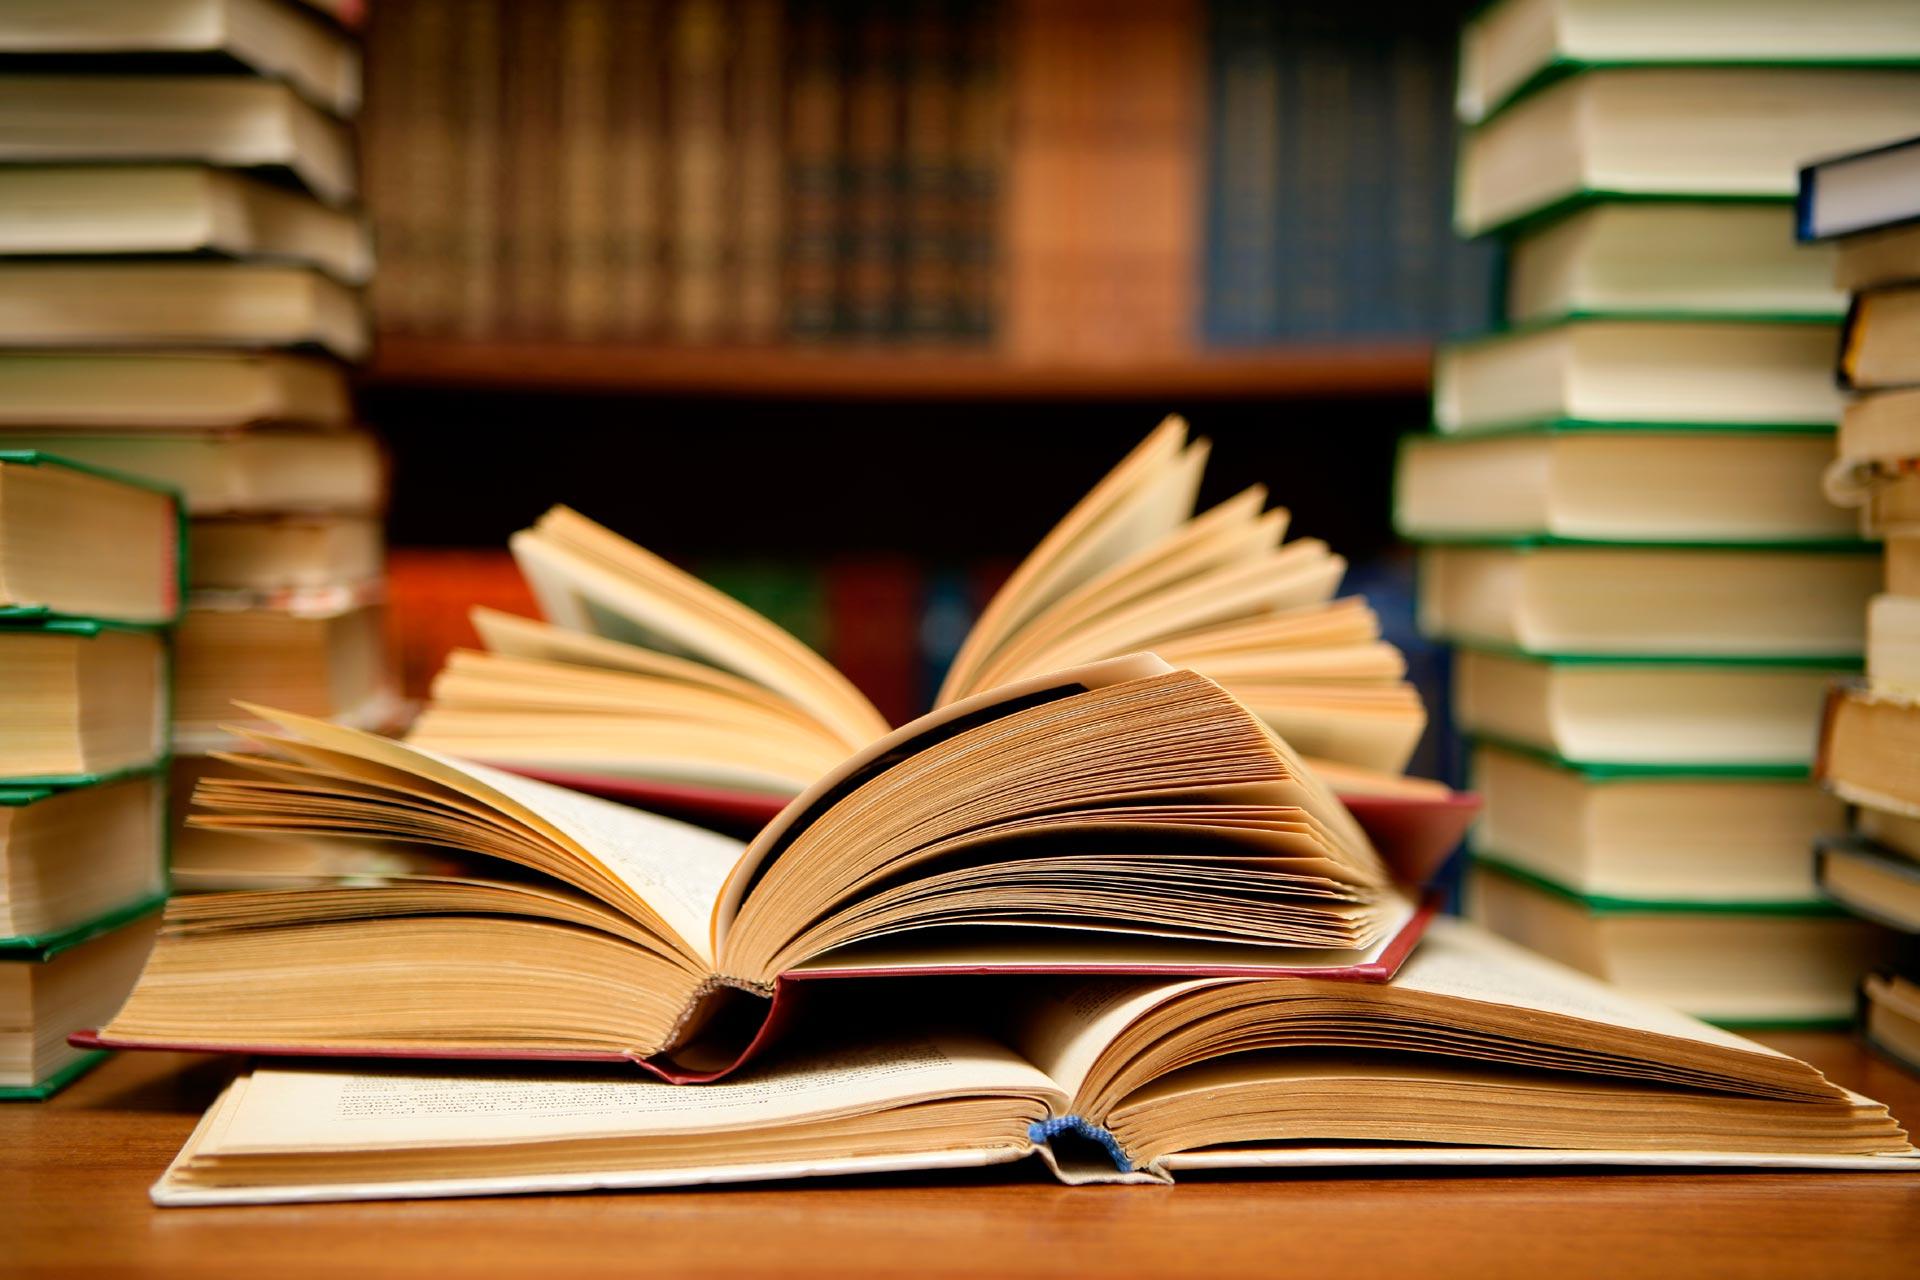 ماجرای یک برون سپاری در وزارت ارشاد/ 4میلیارد تومان برای 7 ماه ممیزی کتاب